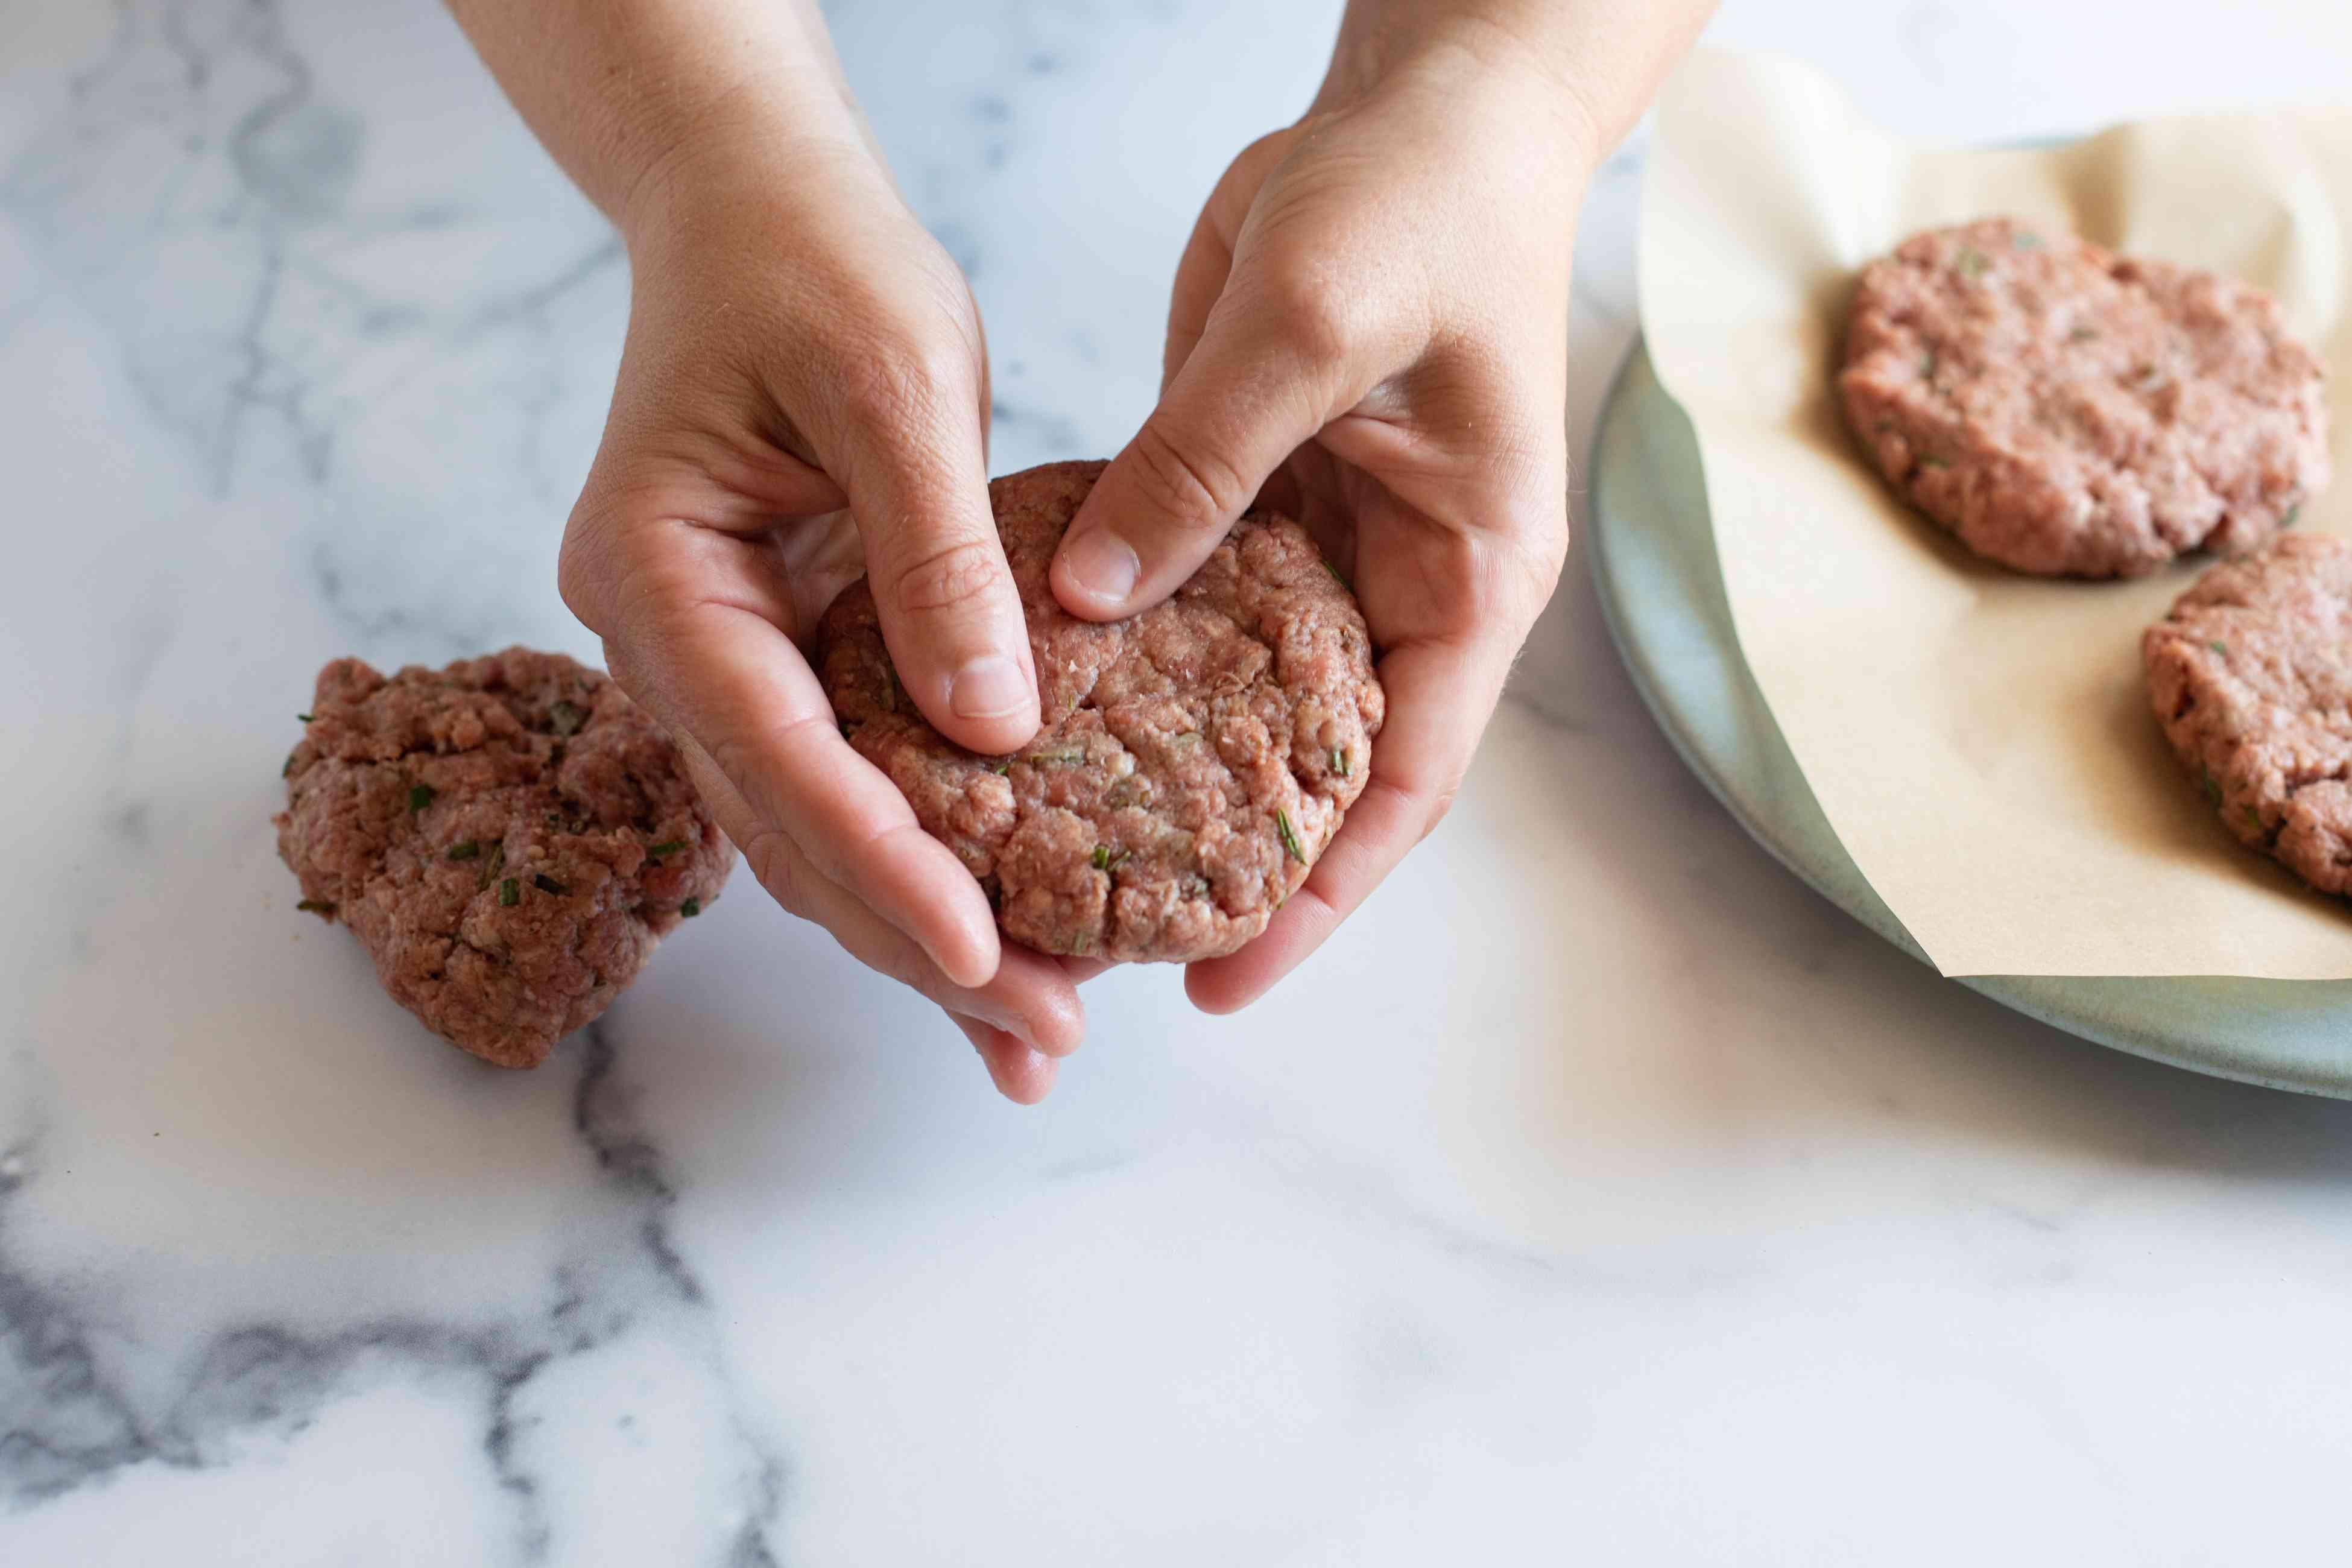 Forming hamburger patties to make a famous burger.